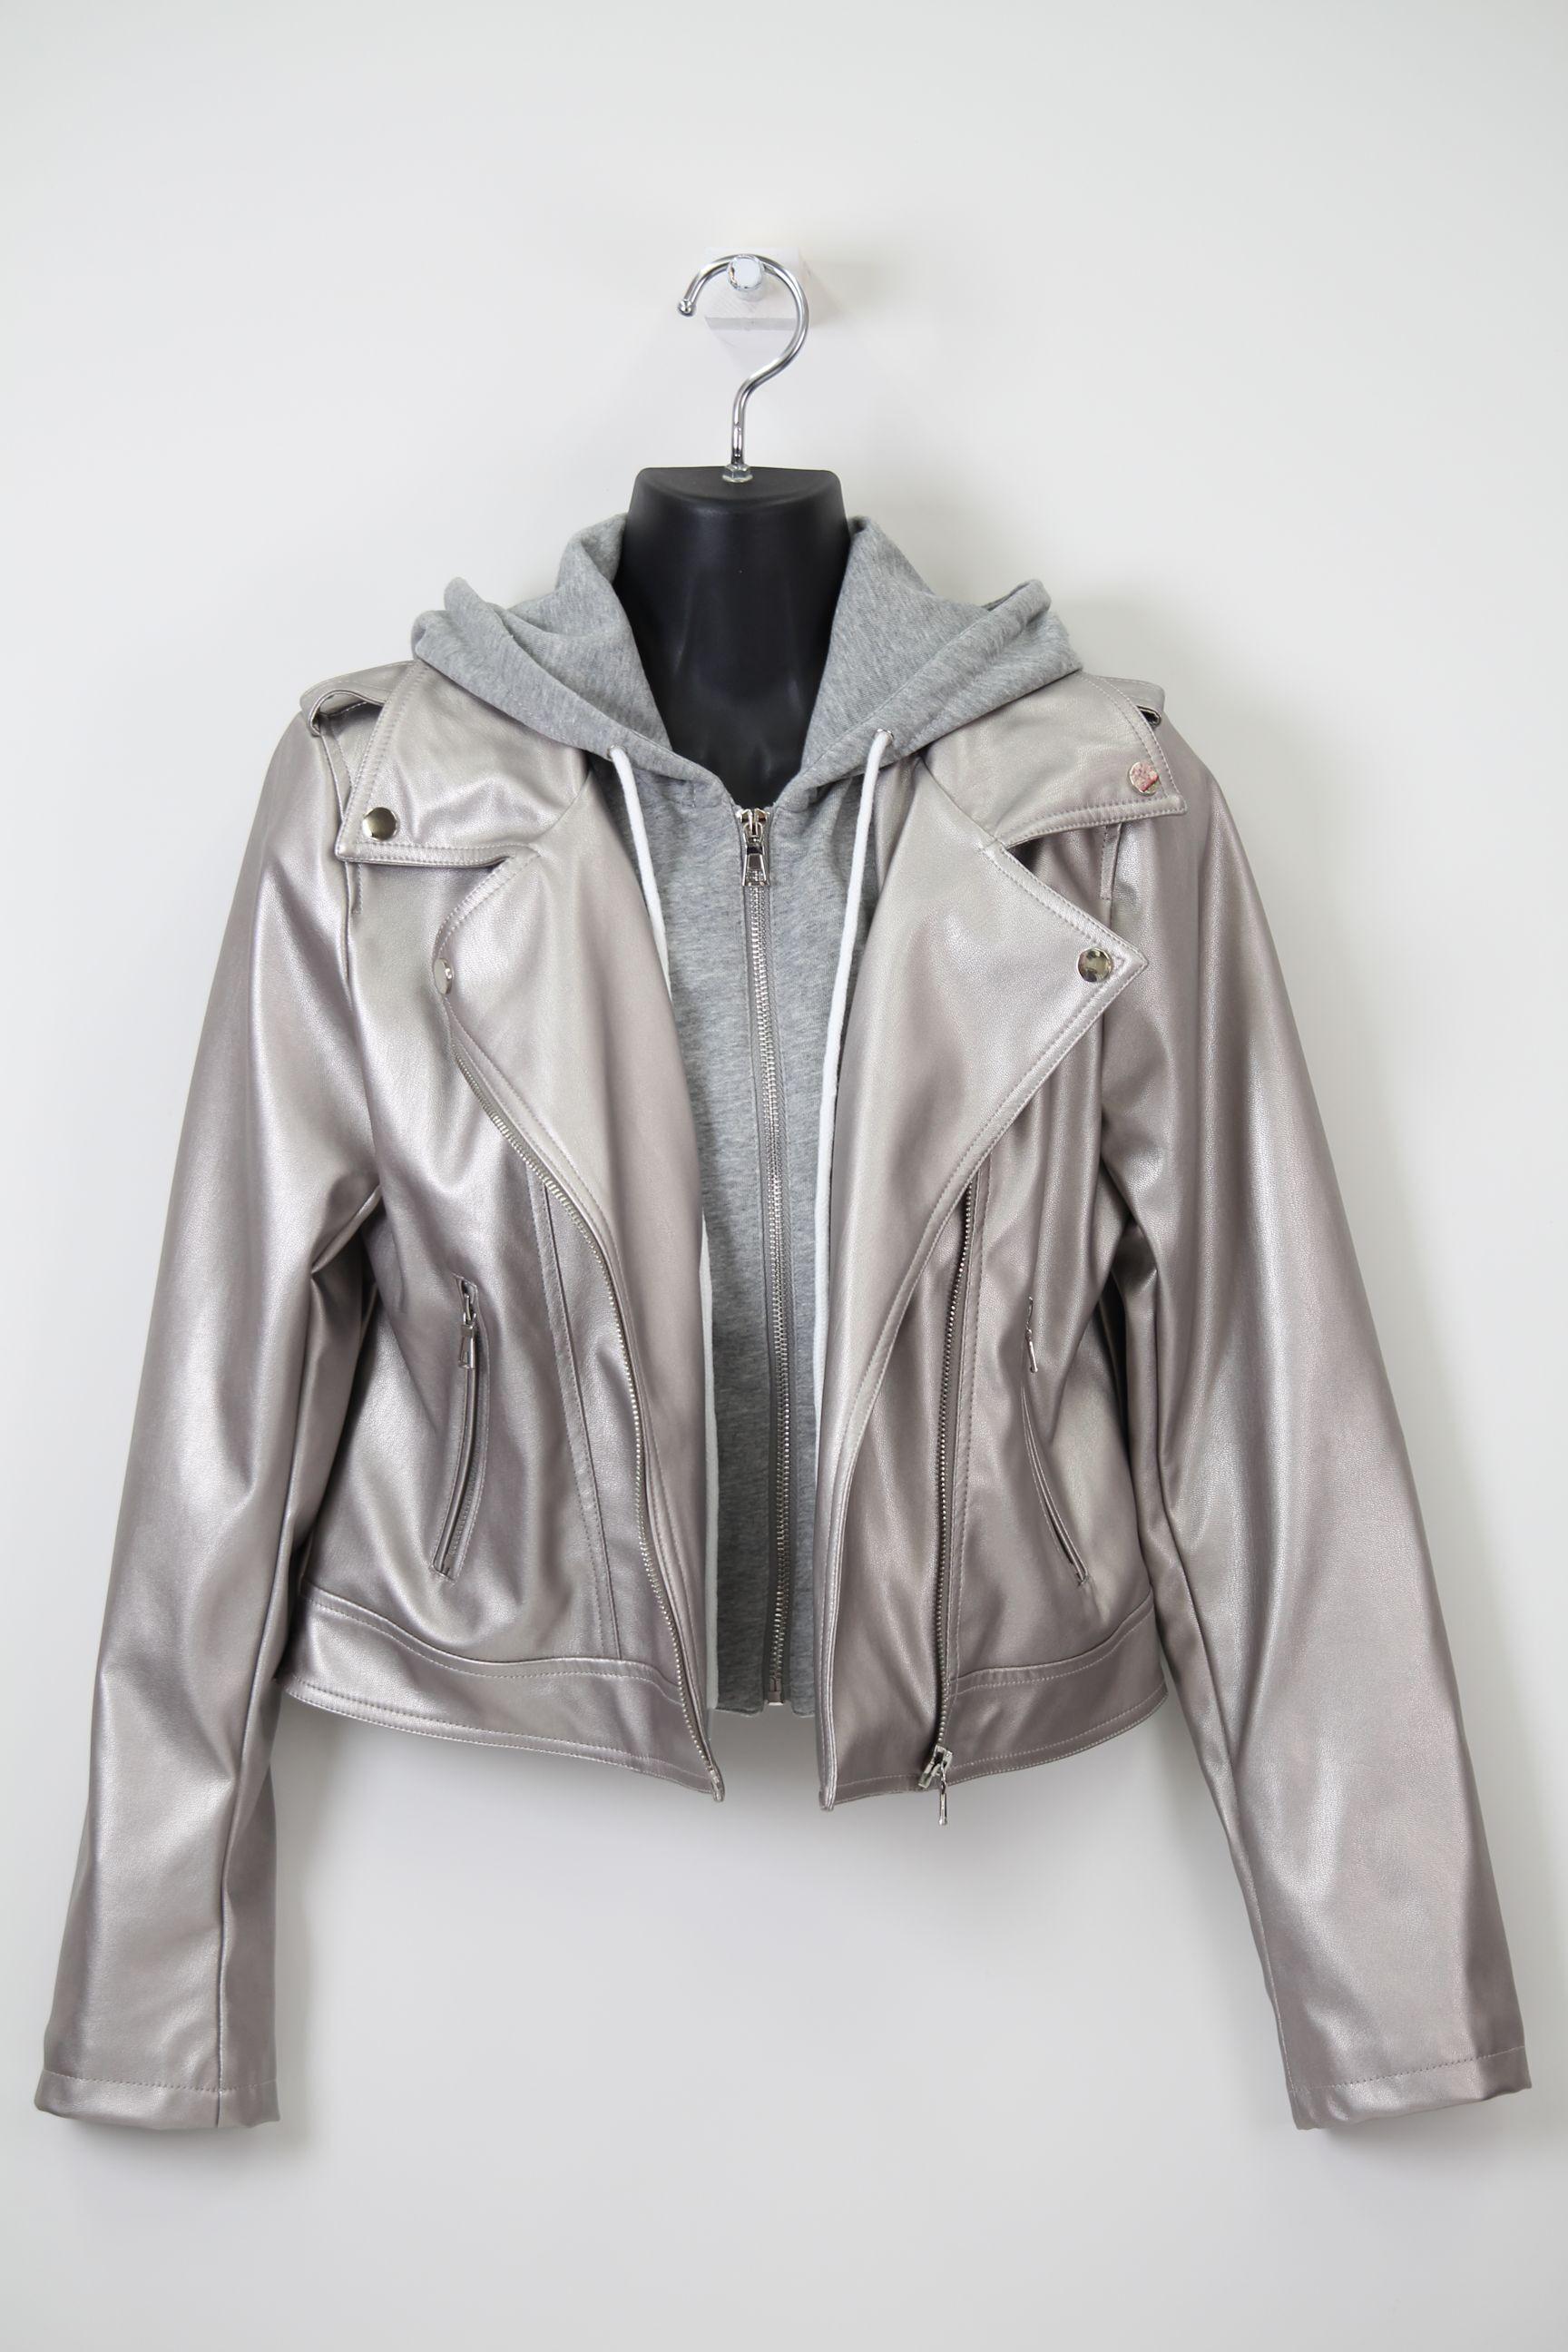 シルバーの合皮ジャケット